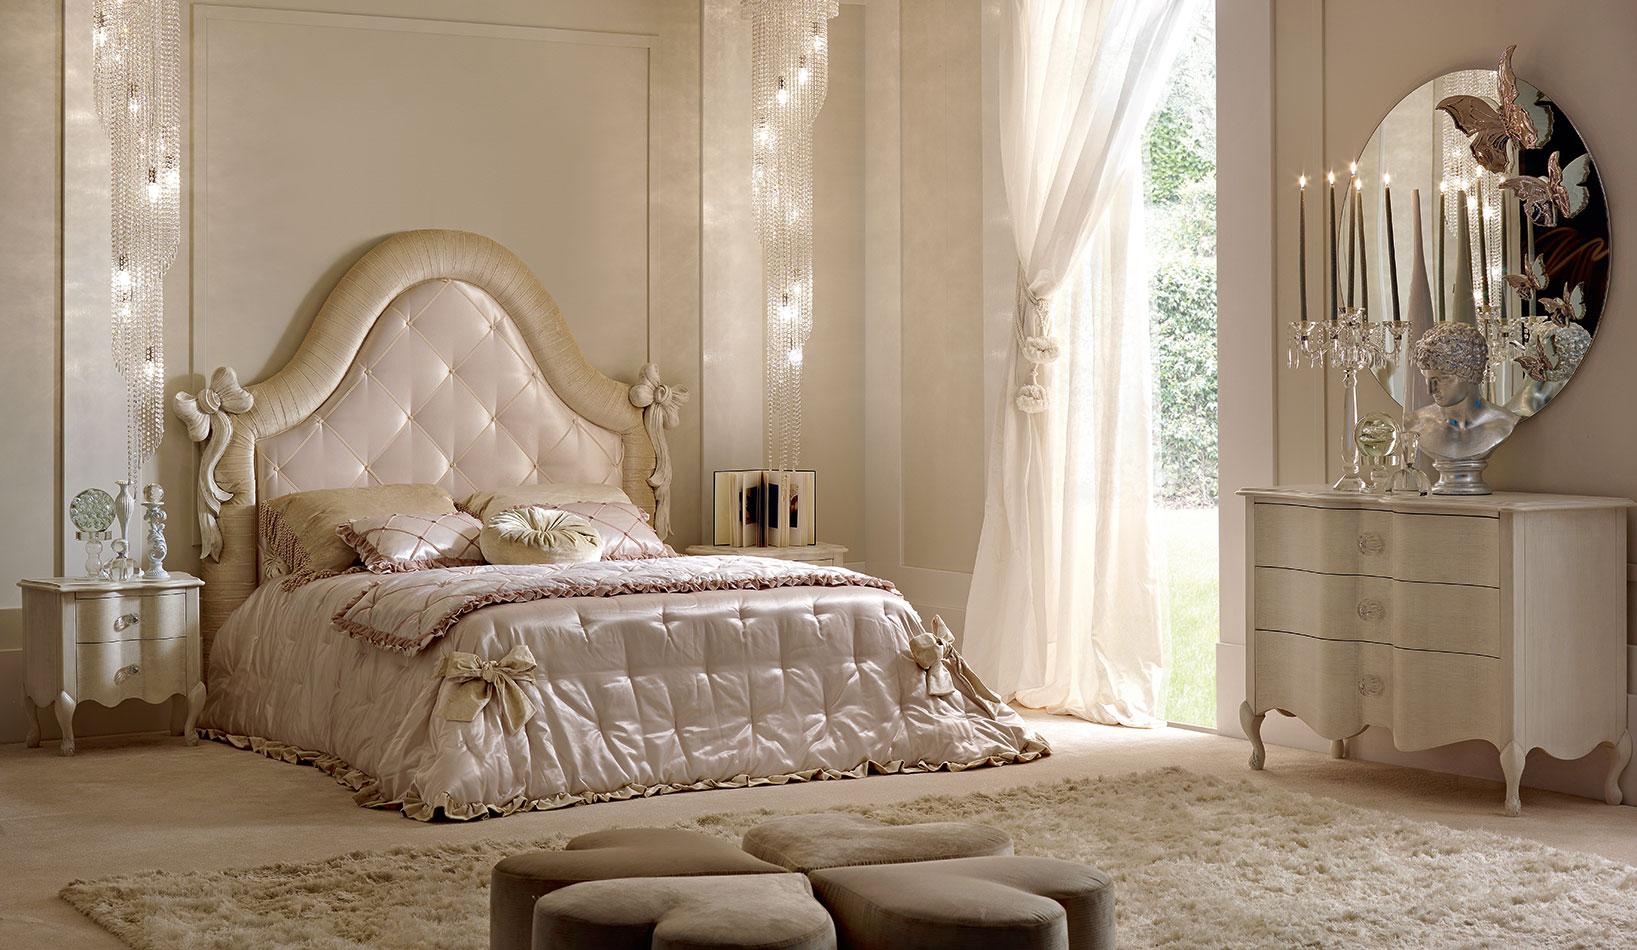 Collezione fd collection la notte le camere da letto for Camere classiche